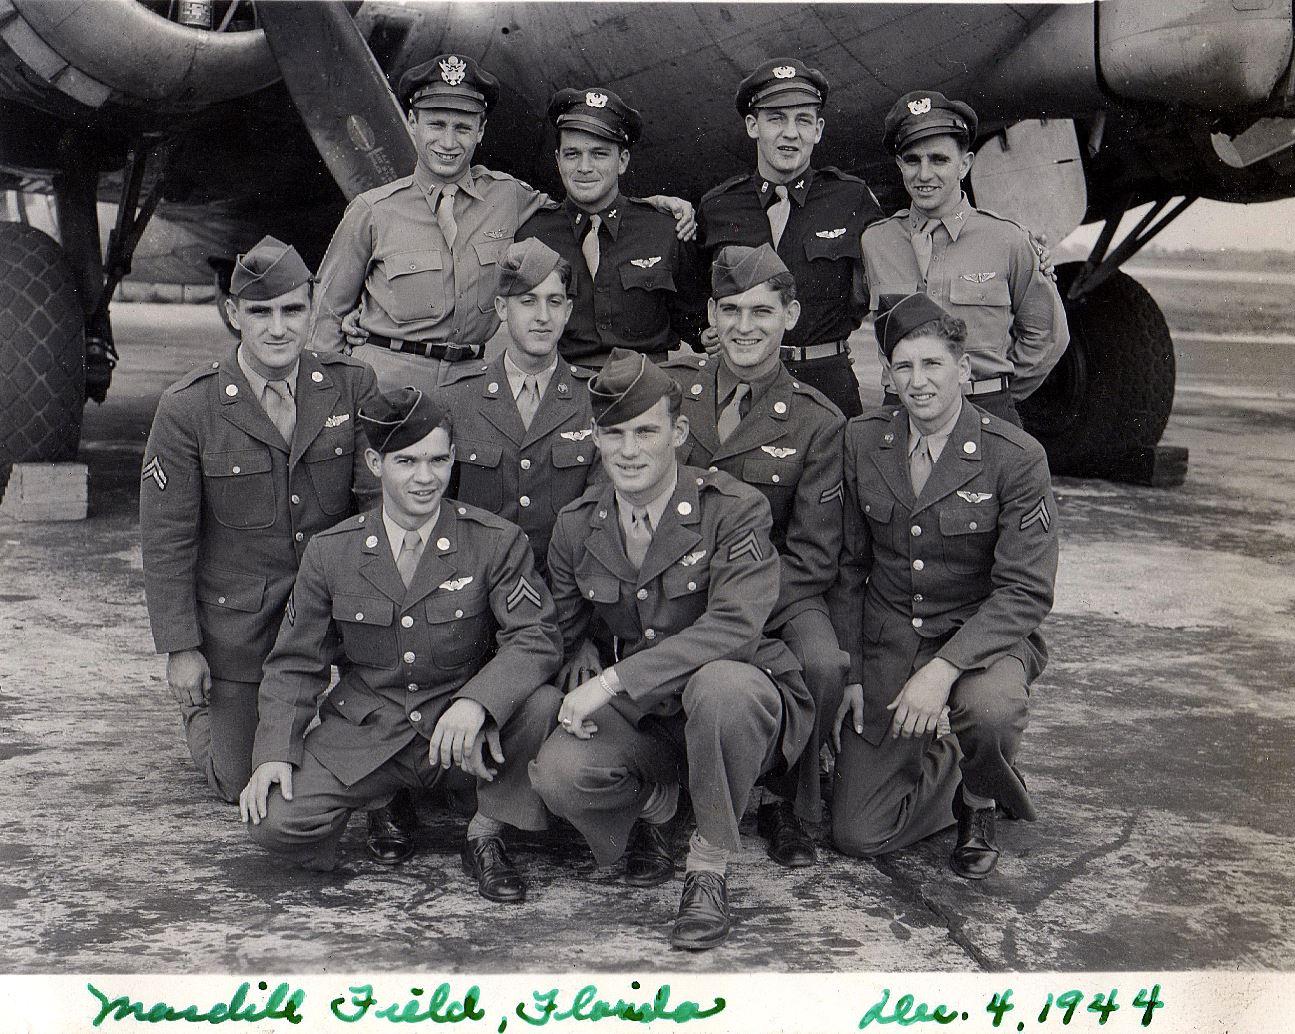 Last dat at MacDill Field - Bud is kneeling on far right